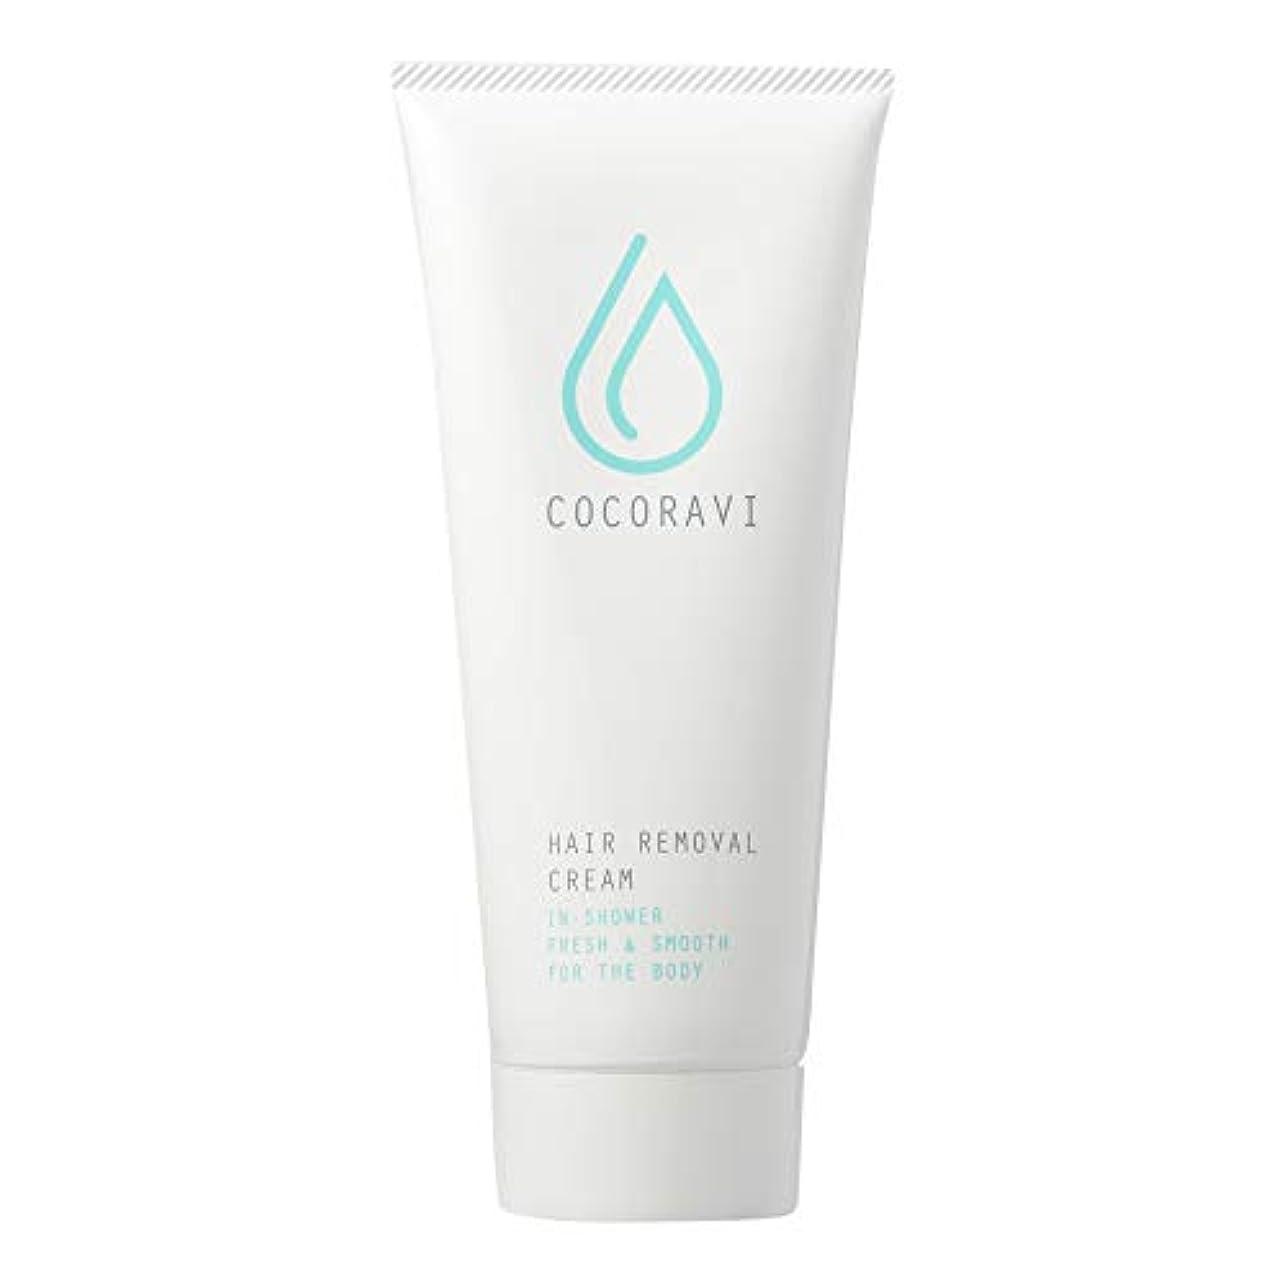 あそこラウズ革命的COCORAVI Hair Removal Cream (ココラビヘアリムーバークリーム) 除毛クリーム ボディ用 医薬部外品 スキンケア 美容 [内容量200g/説明書付き]